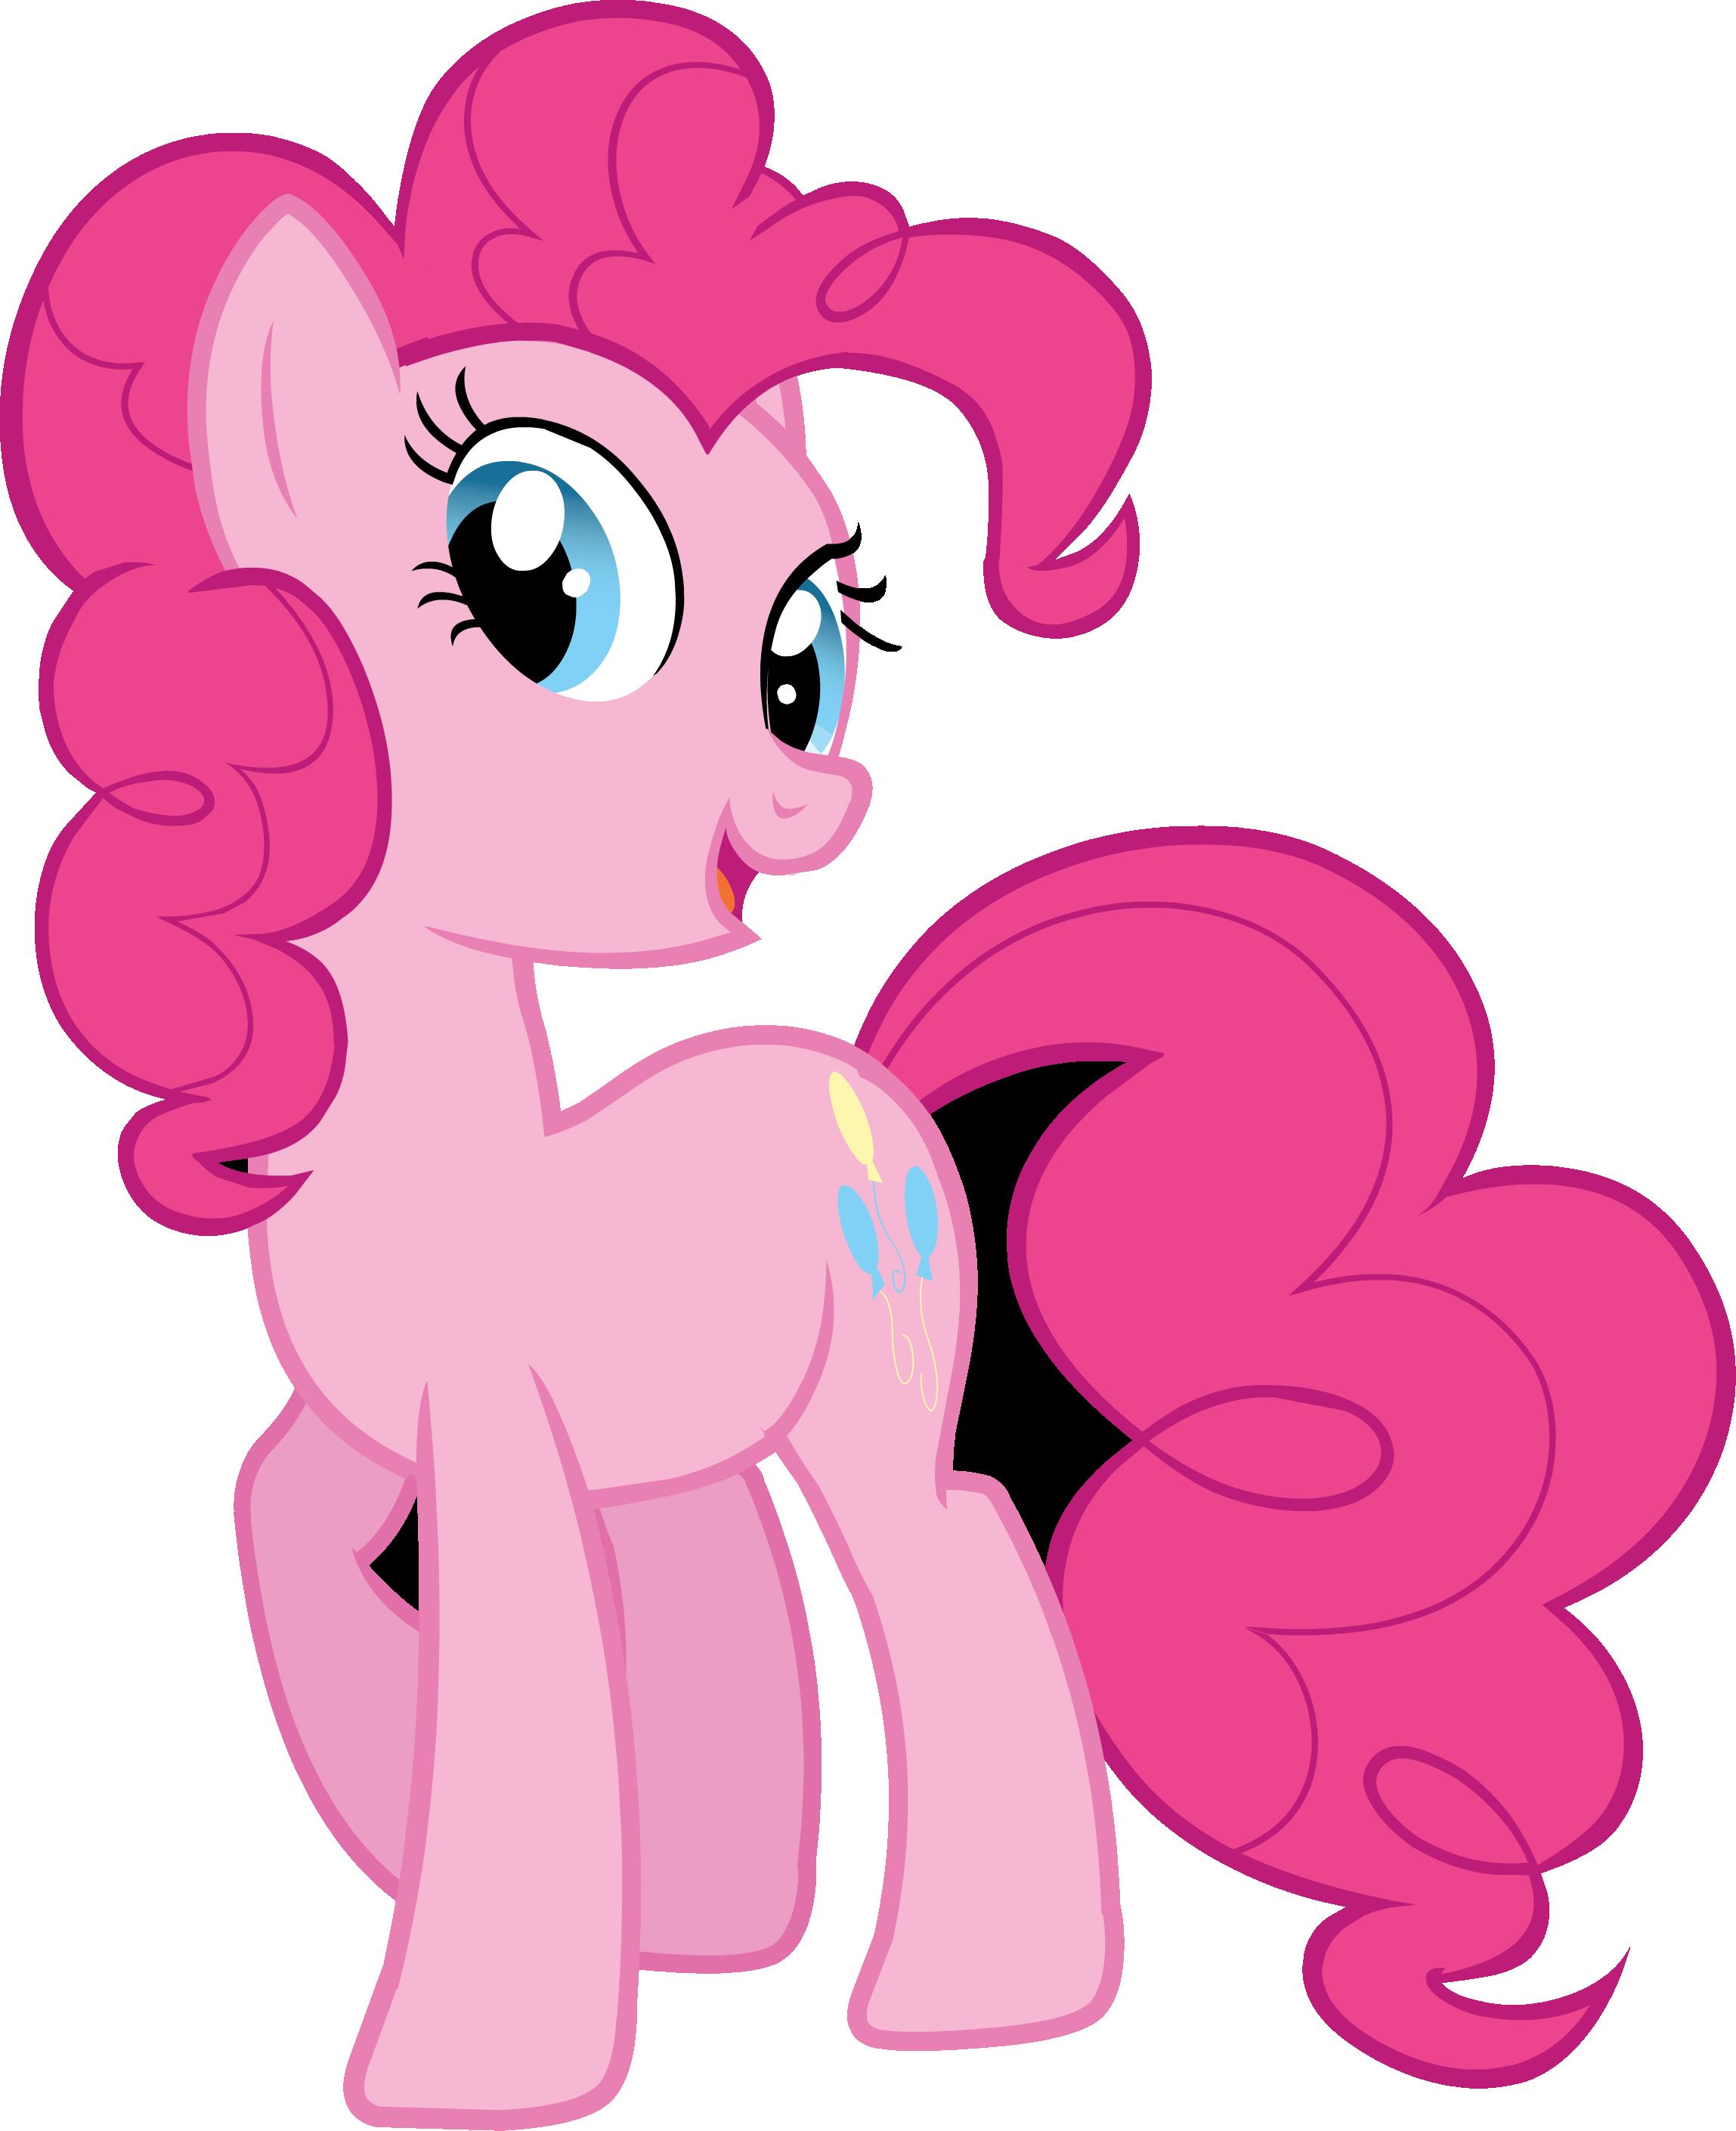 [Image: Canterlot_Castle_Pinkie_Pie_6.png]